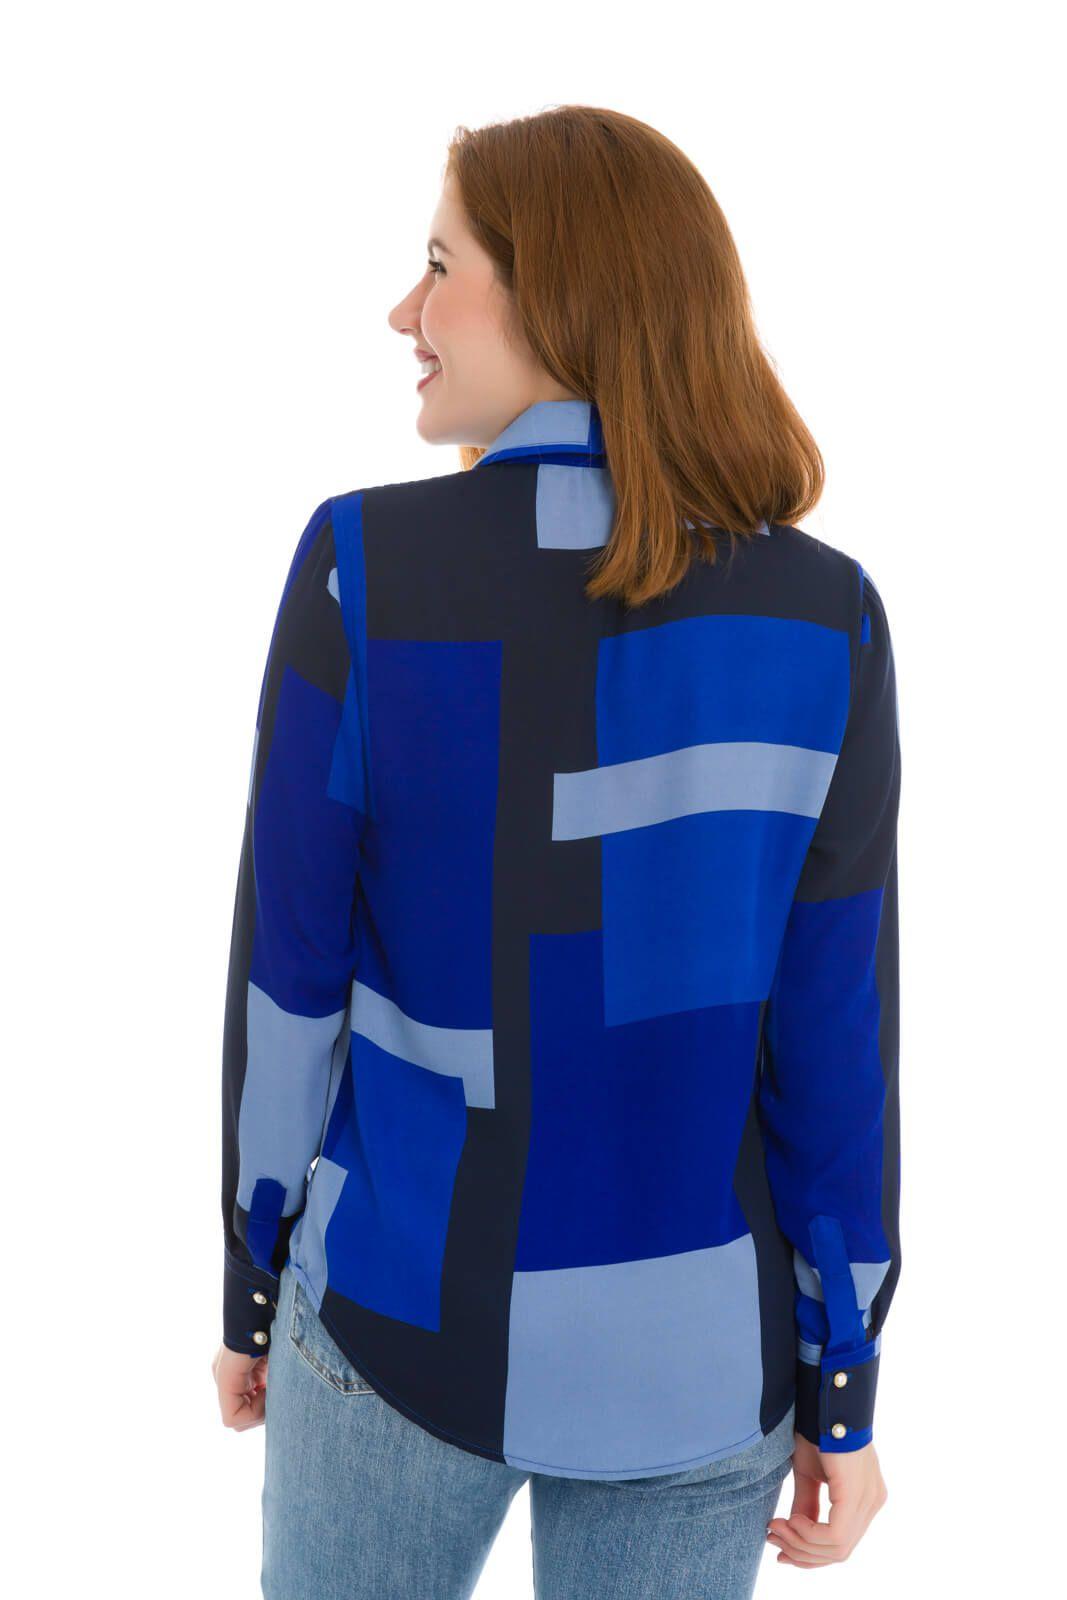 Camisa Camisete Feminino Olimpo Crepe Estampado Manga Longa Azul